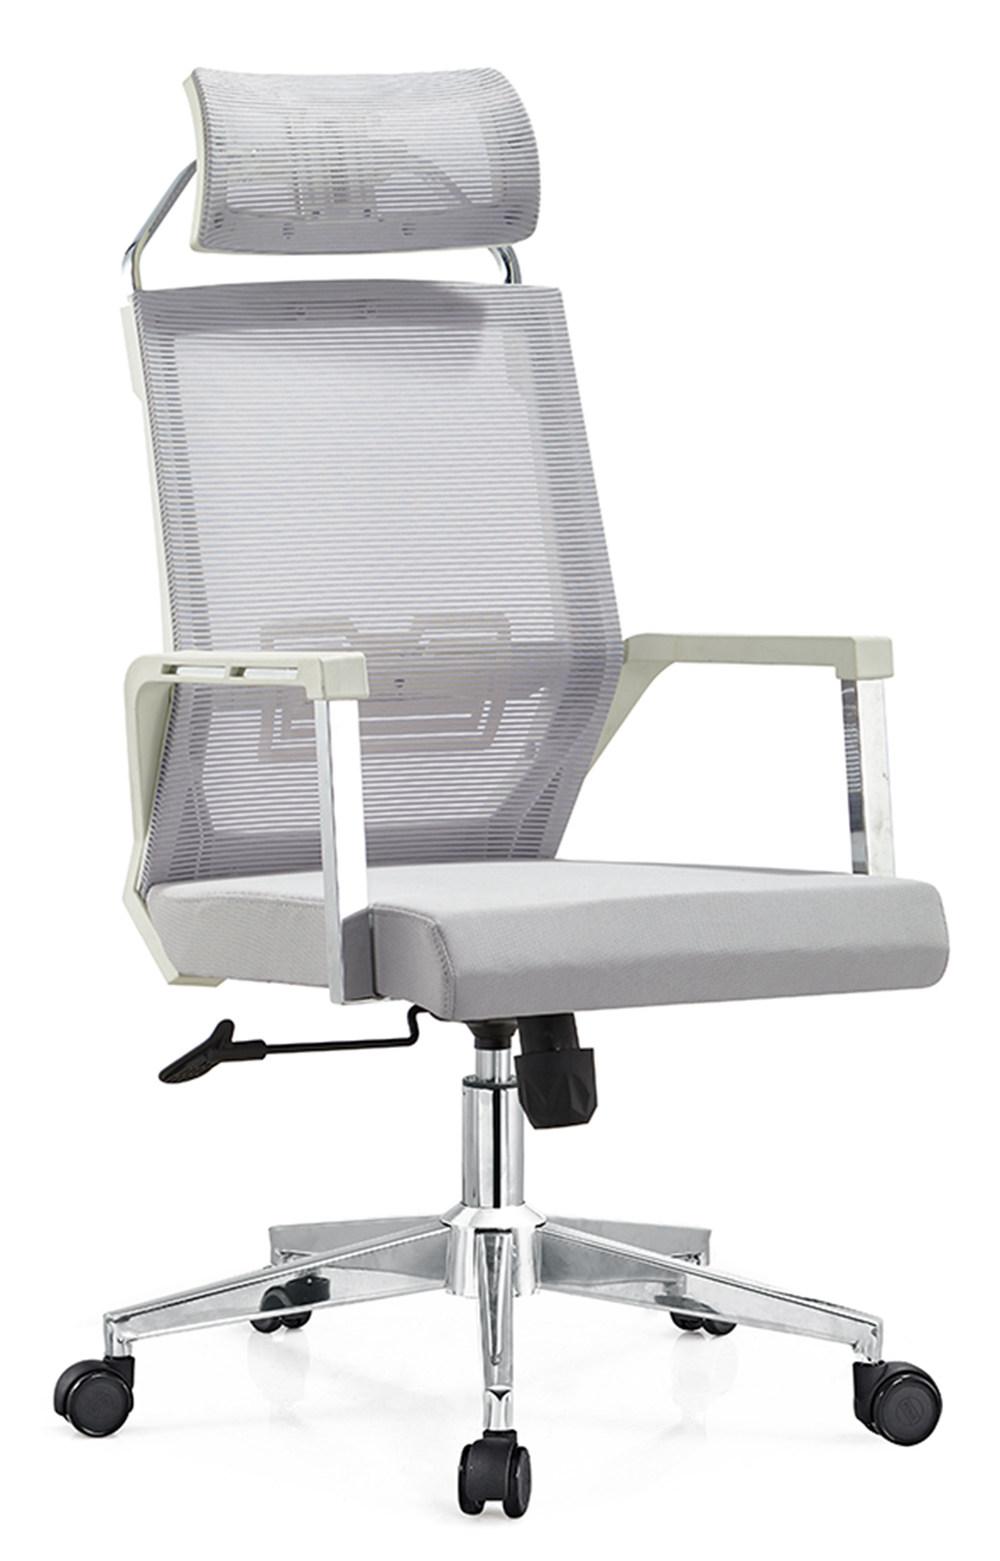 经理椅-07